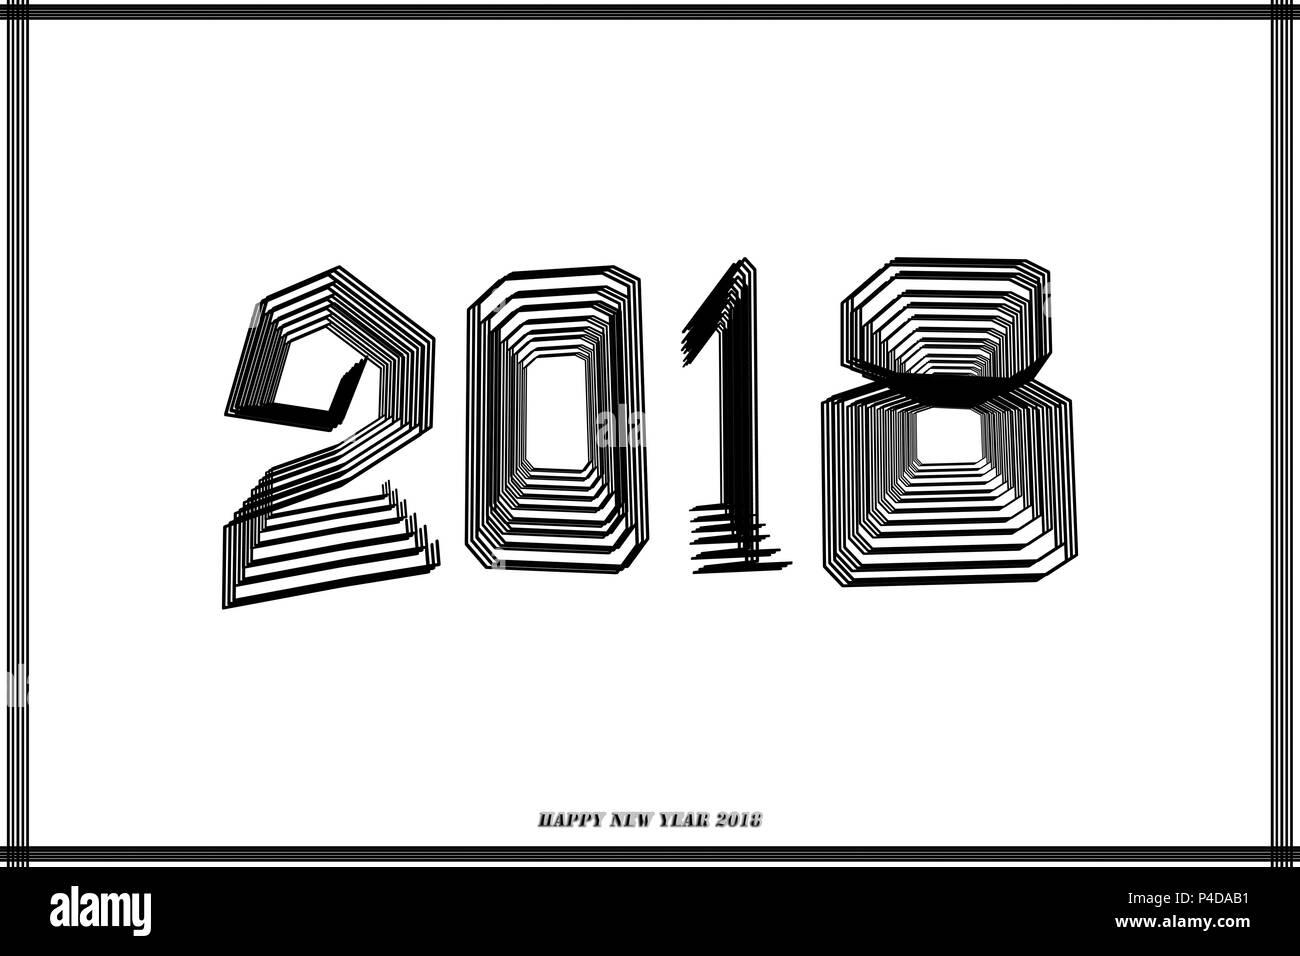 2018 Frohes neues Jahr. Text kalligrafischen Schrift design Karte ...